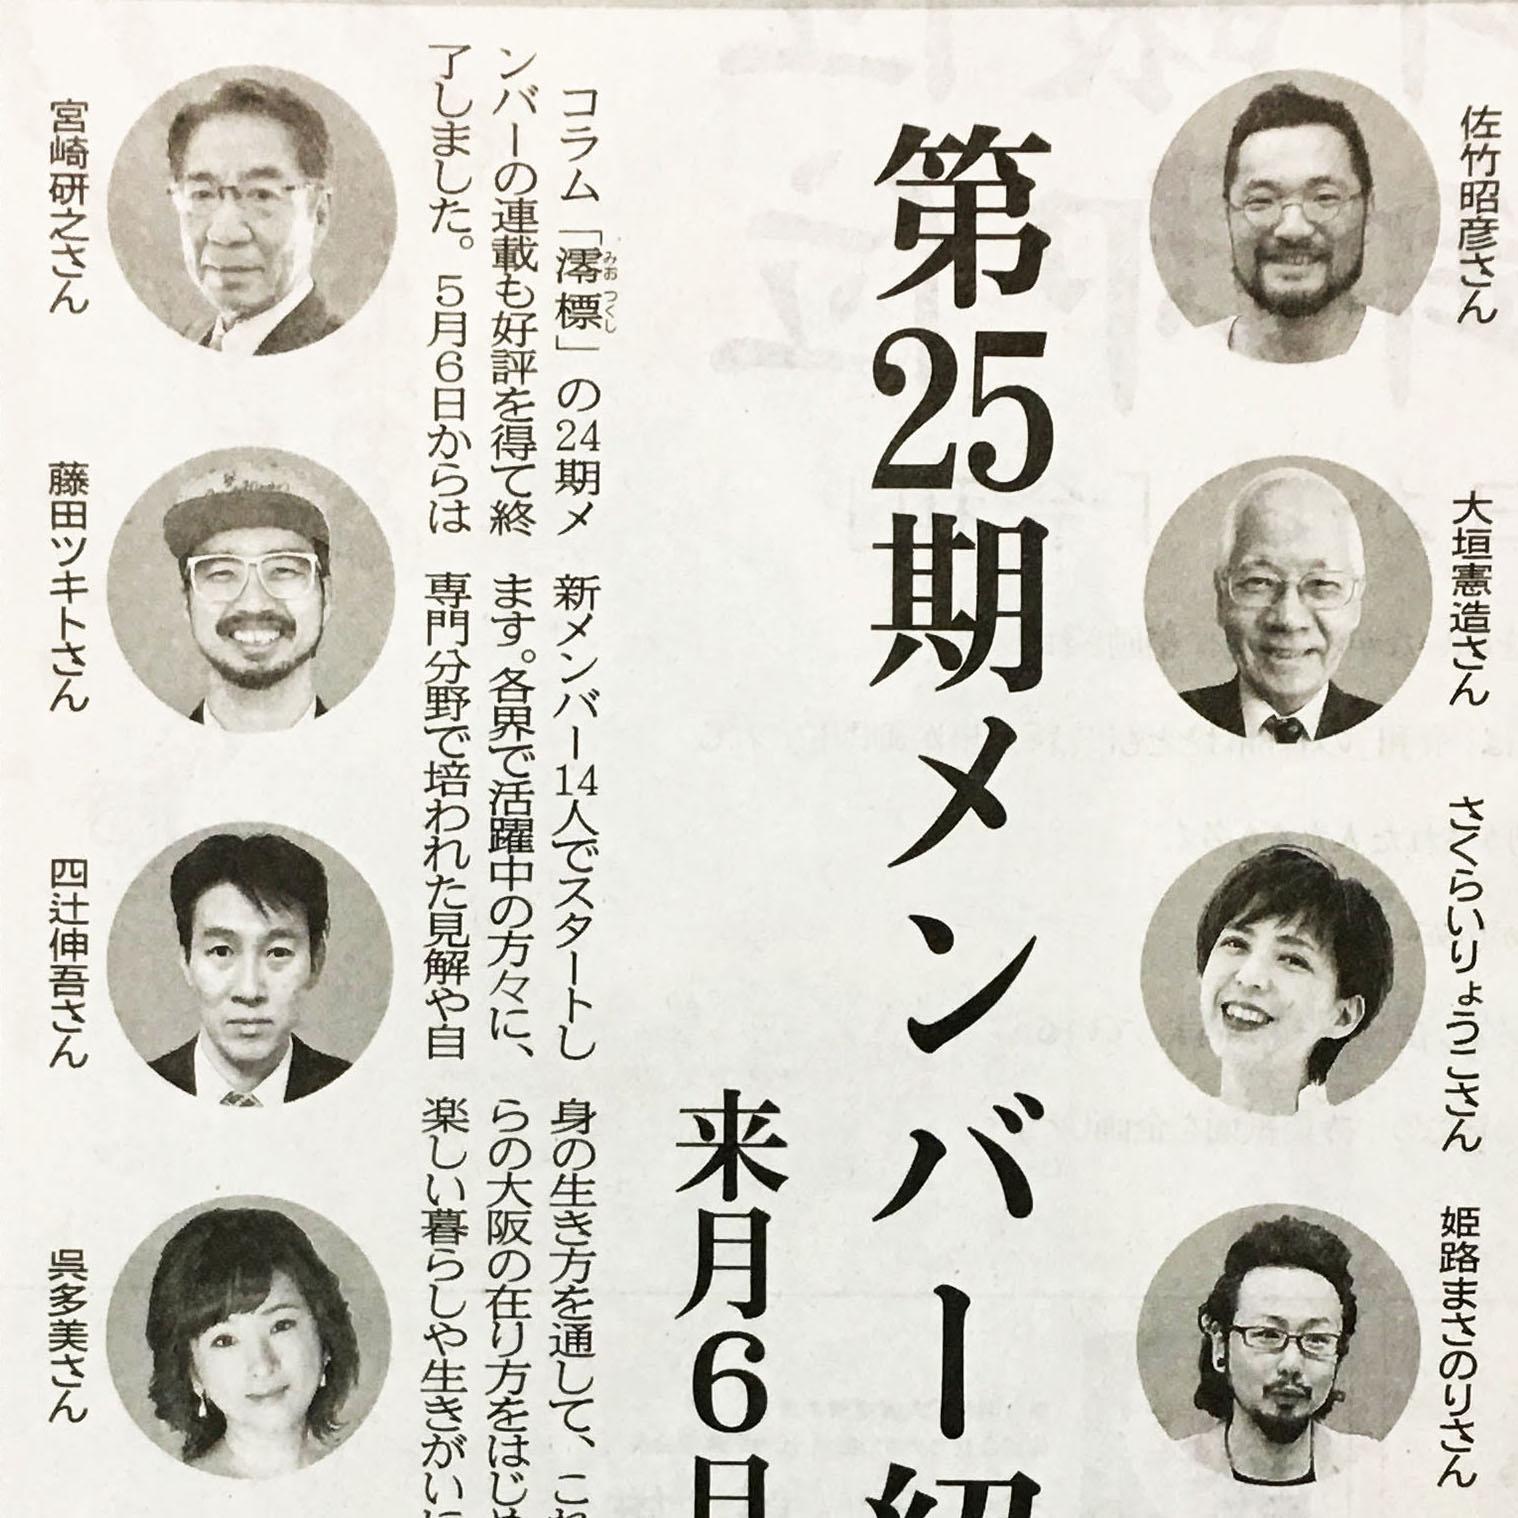 大阪日日新聞「澪標」コラム 藤田ツキトが第25期メンバーに決定